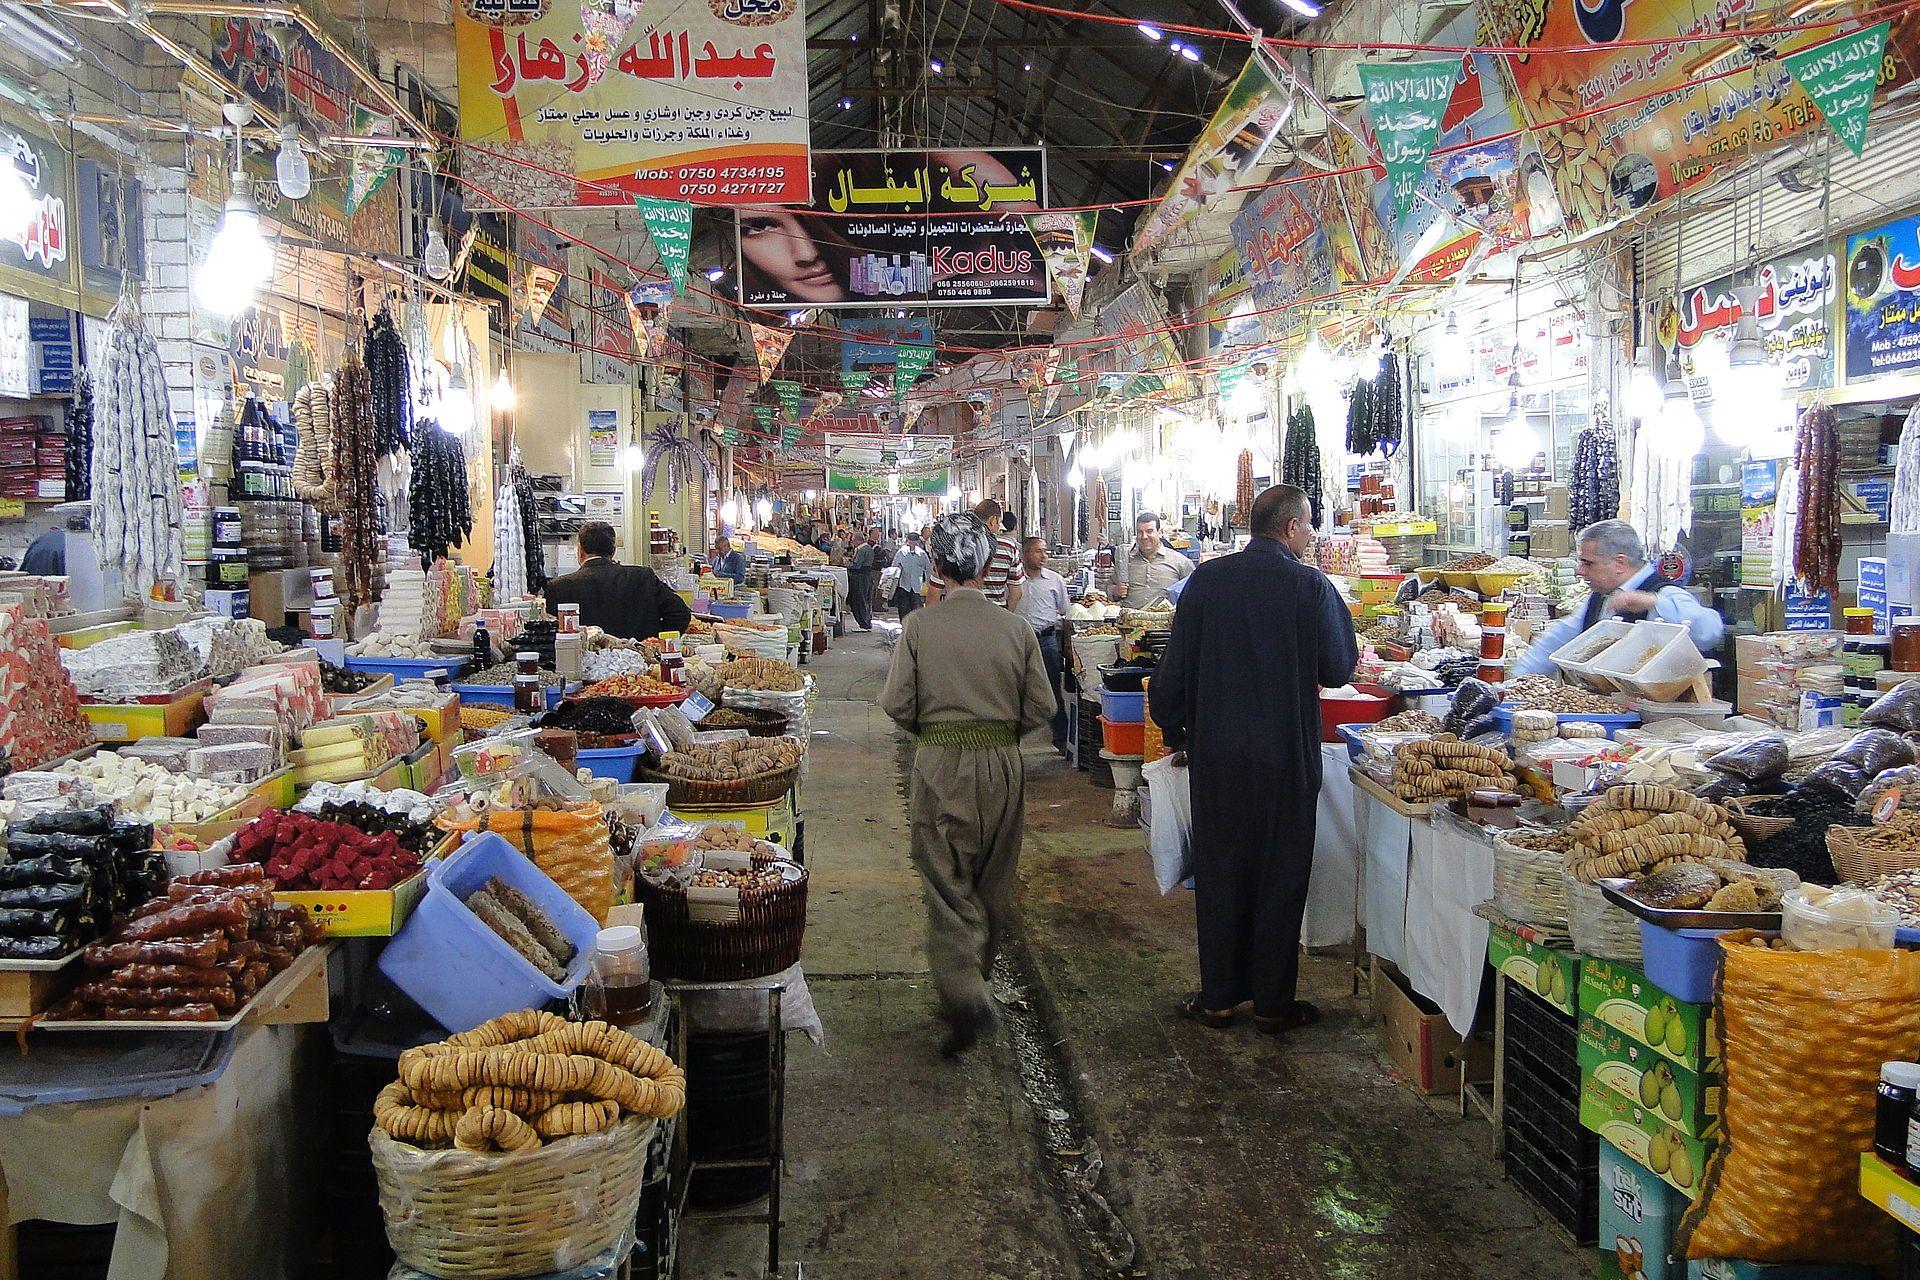 A bazaar in Erbil (ھەولێر Hewlêr), the capital of Iraq's Kurdistan region.